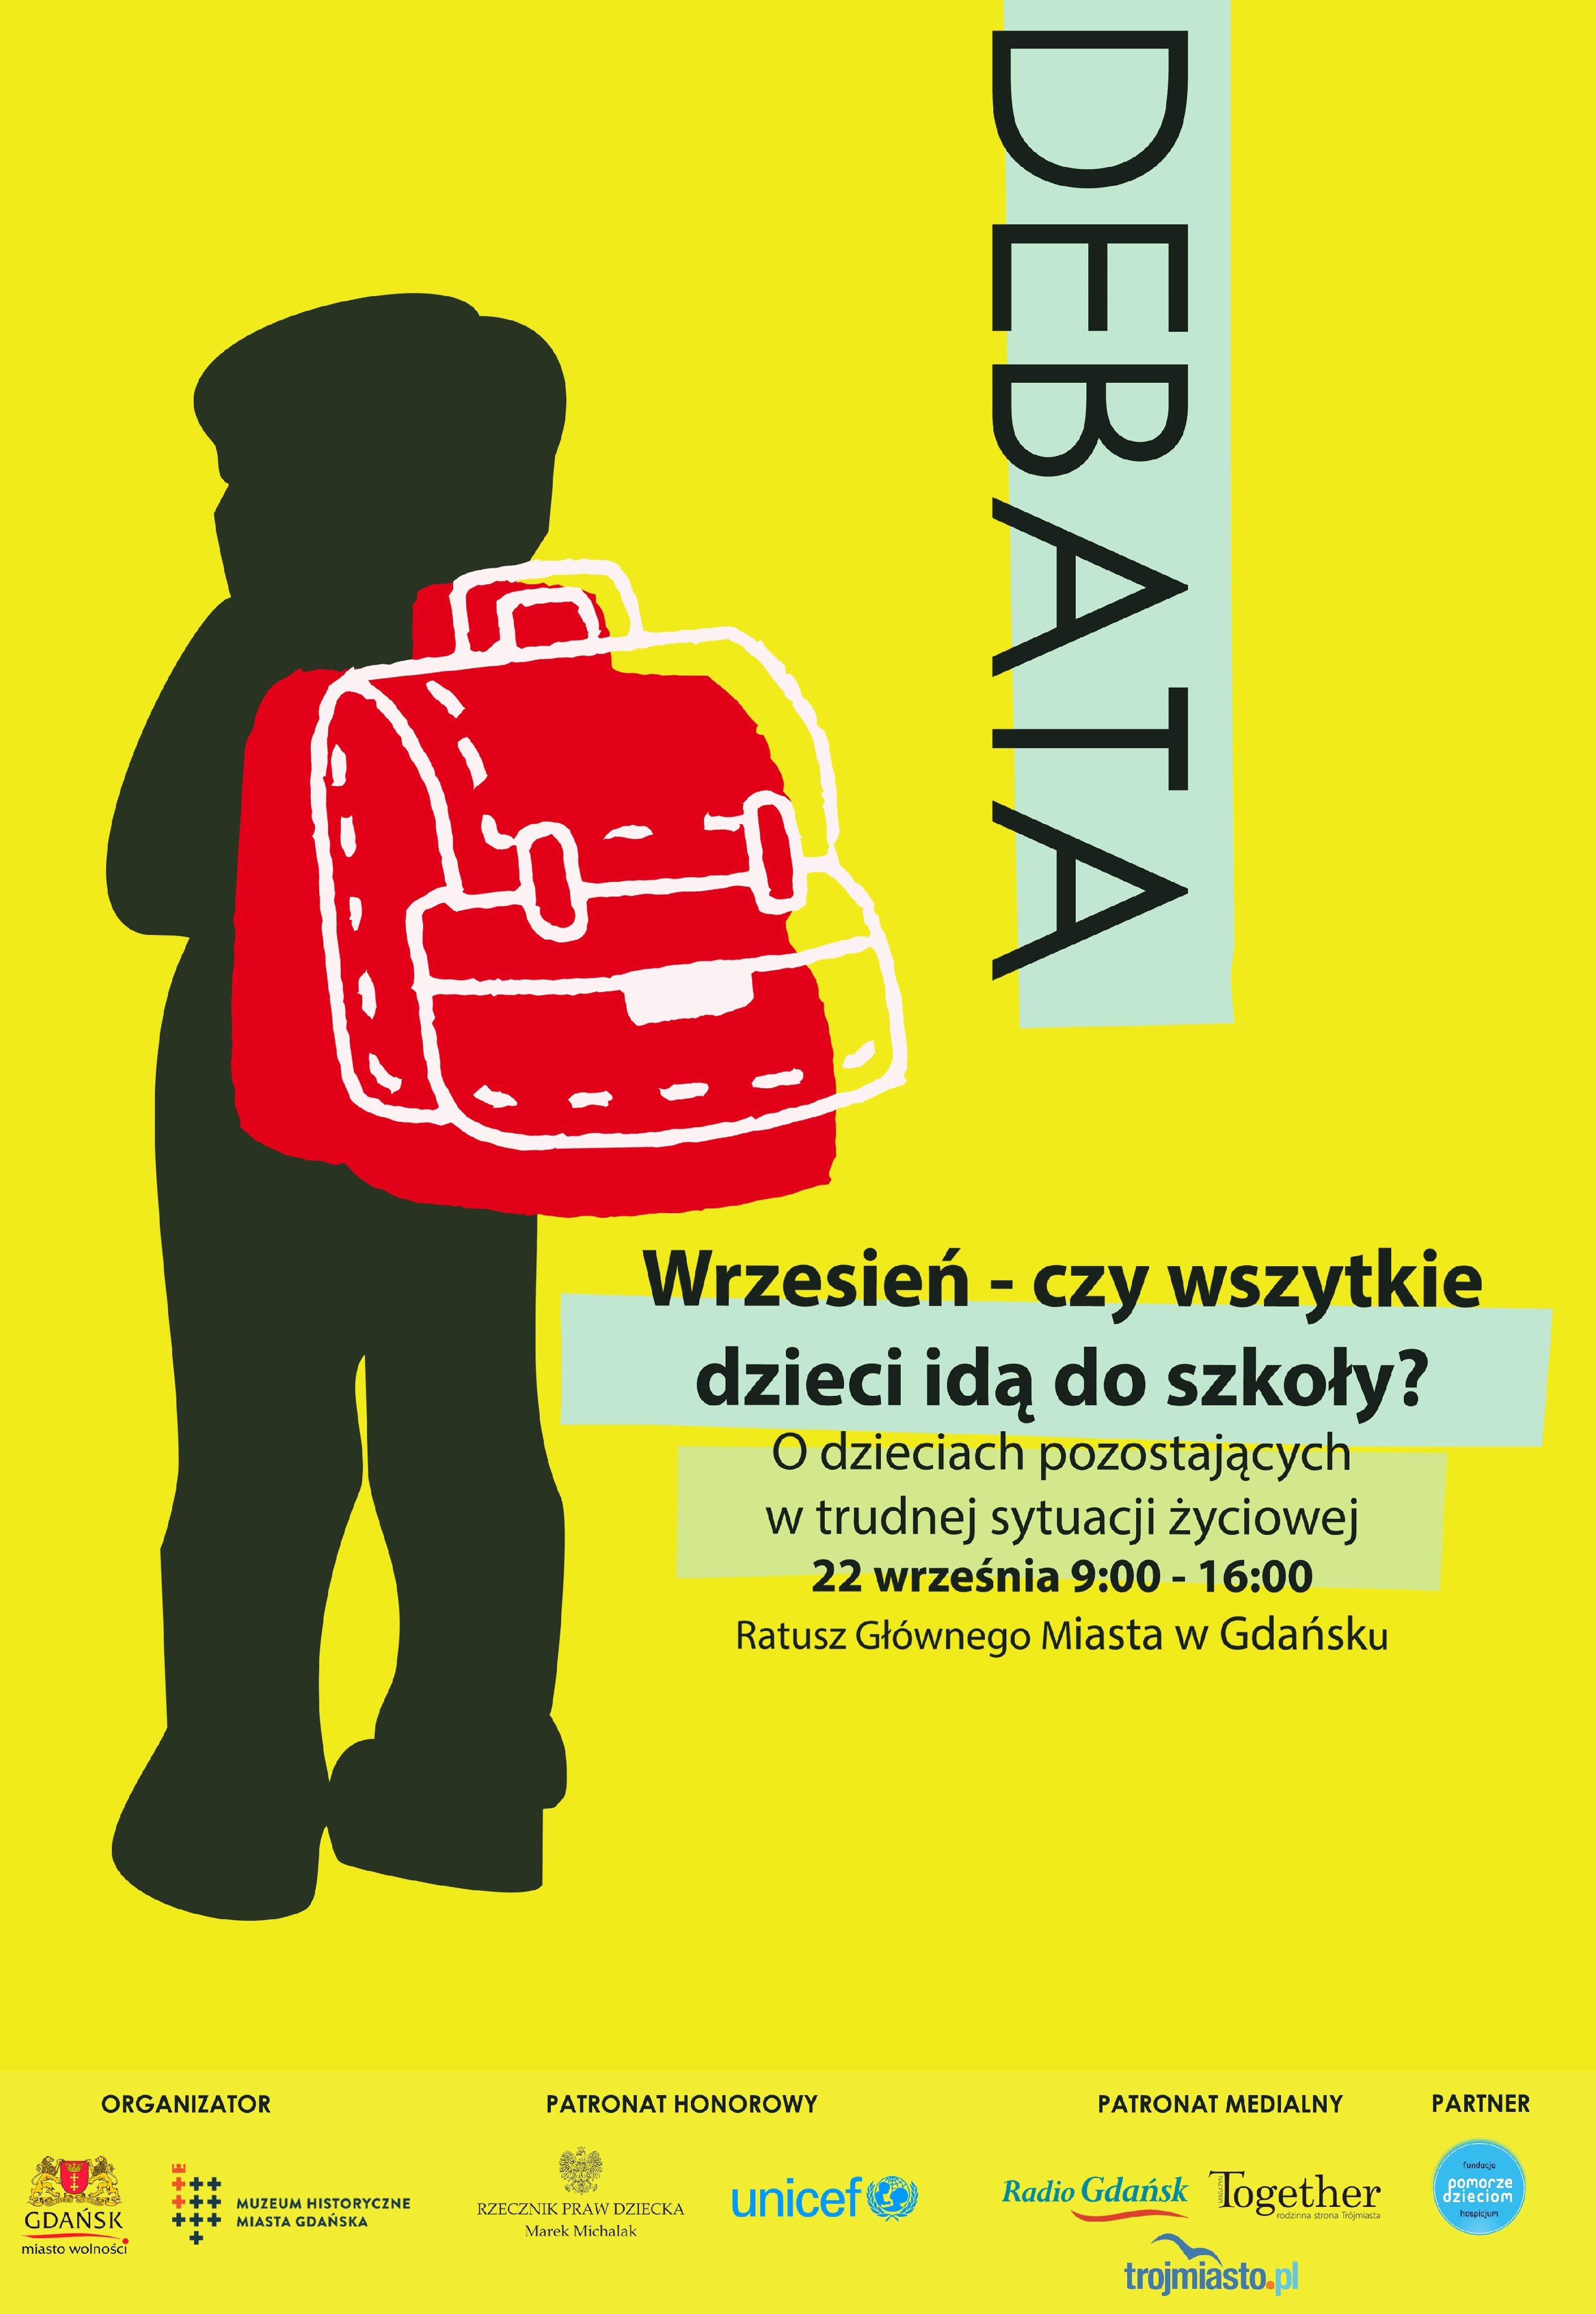 Wrzesień – czy wszystkie dzieci idą do szkoły?